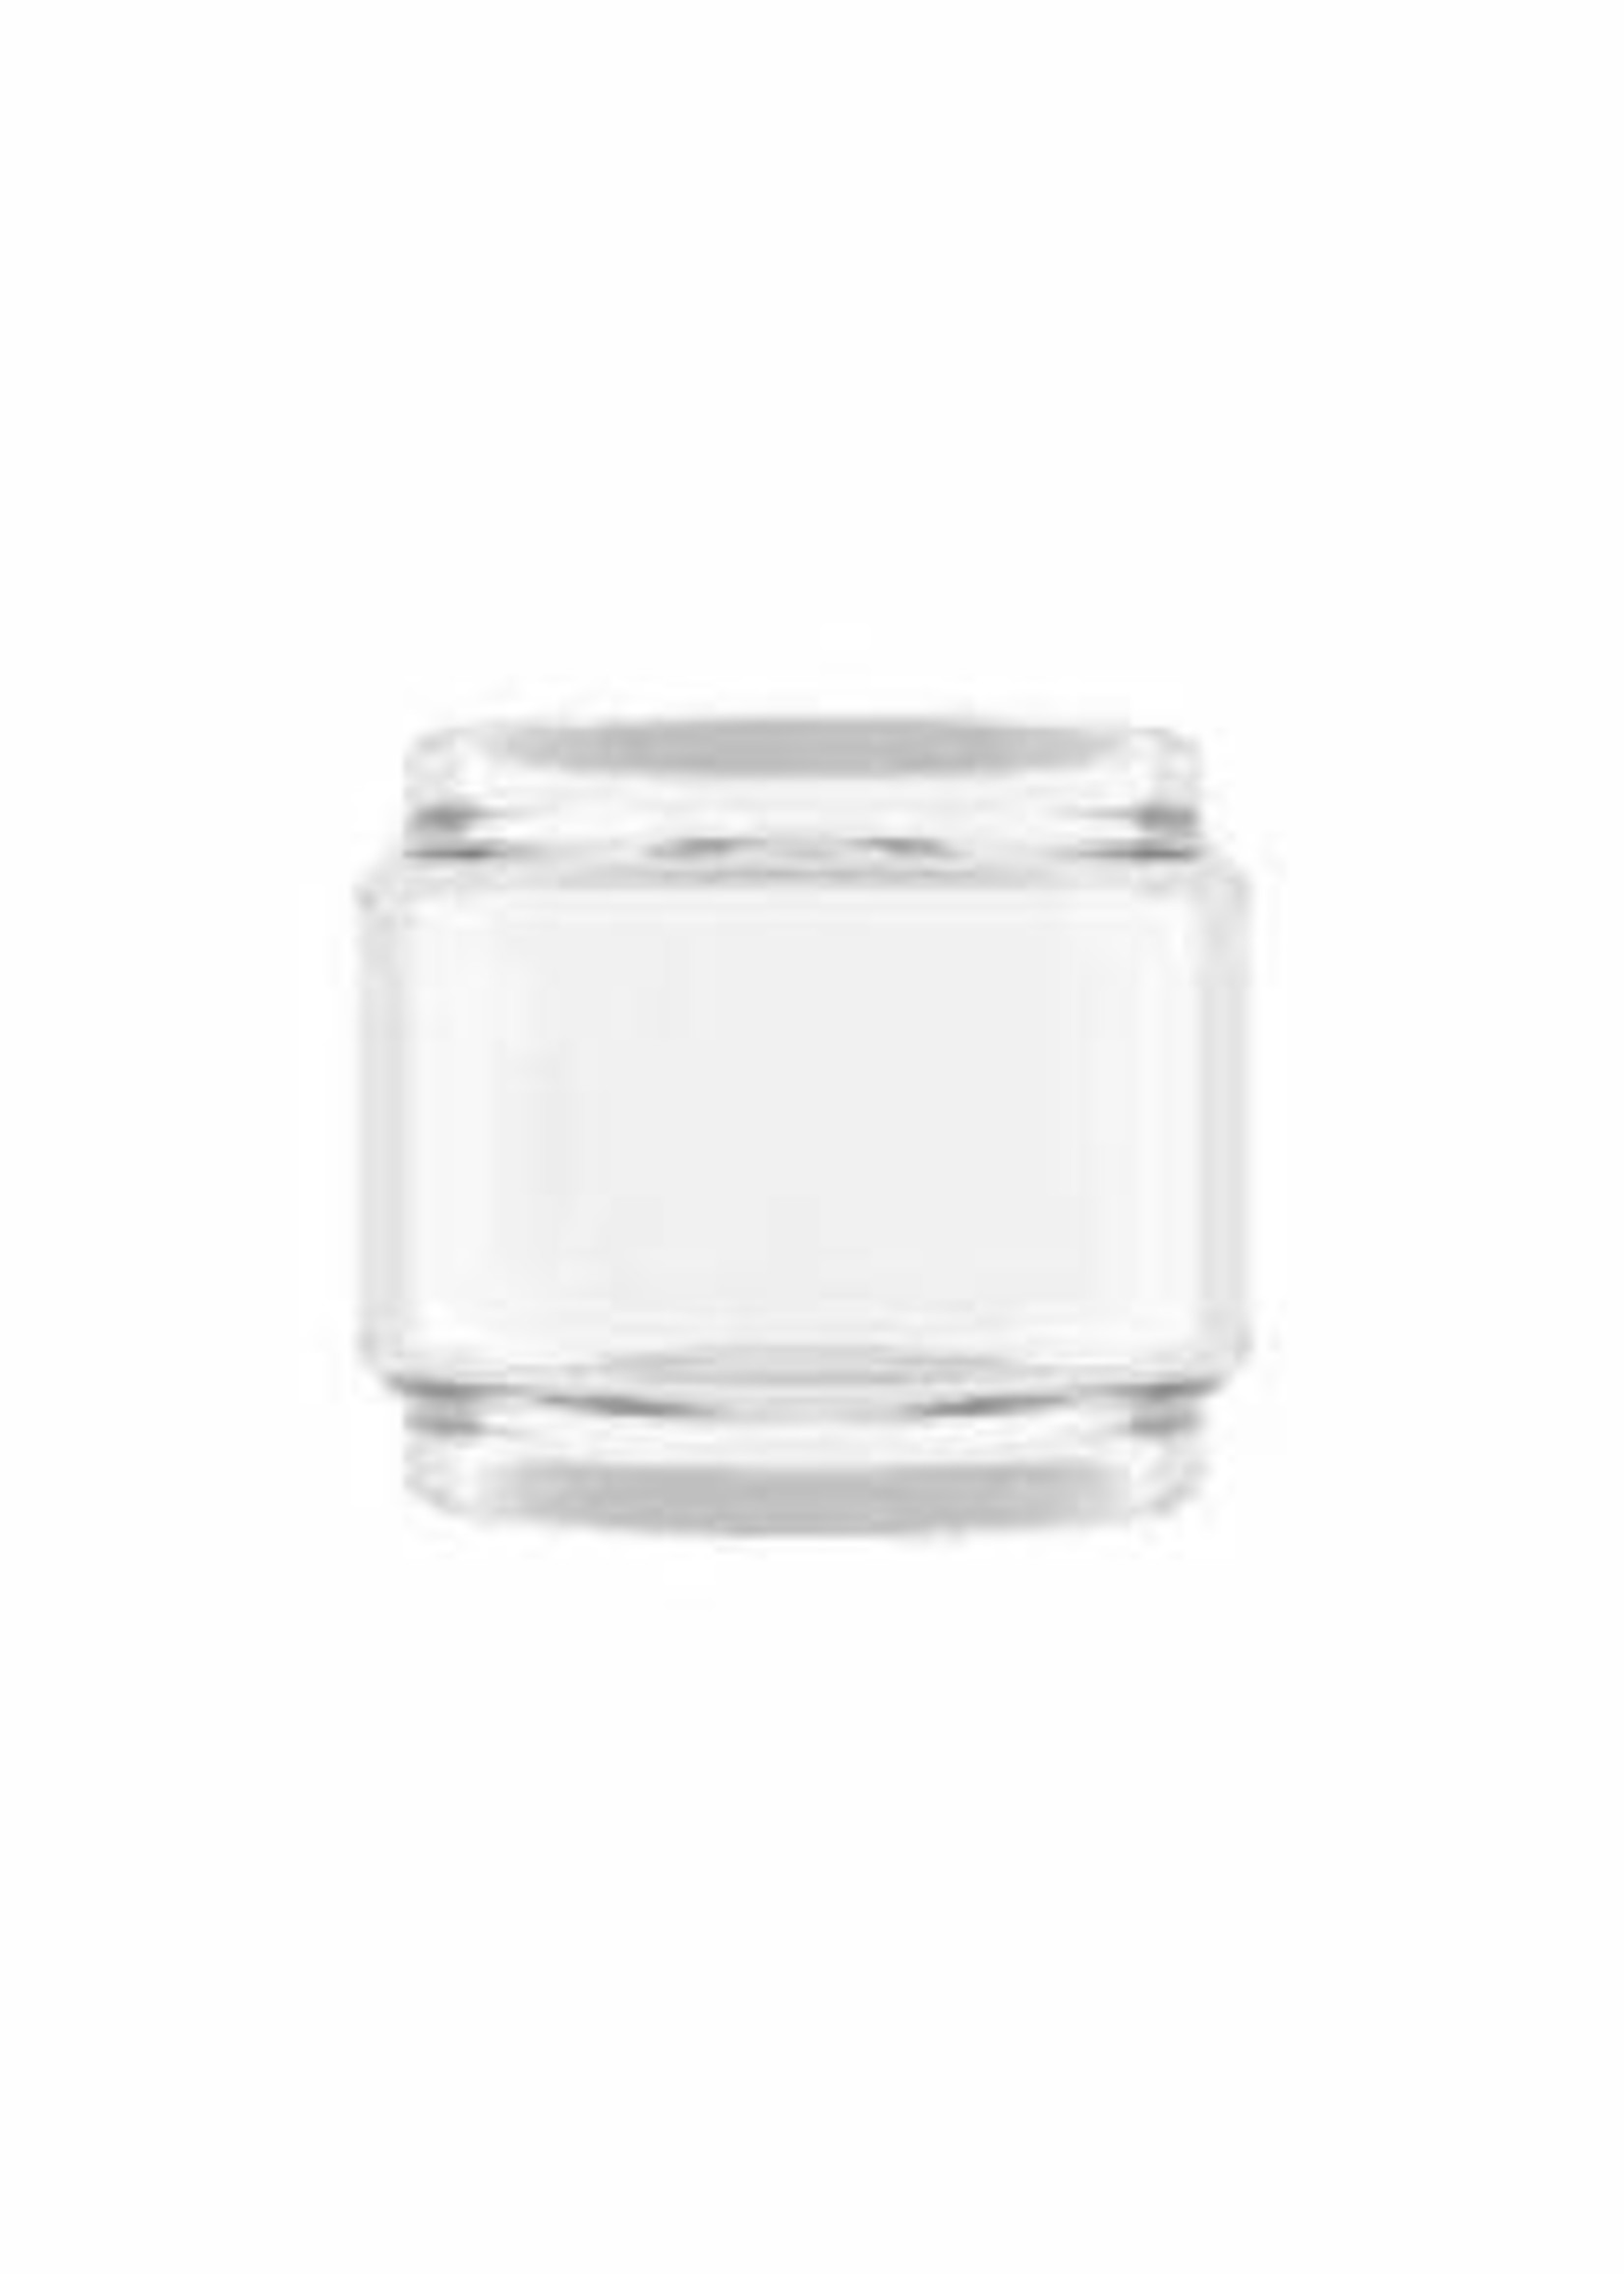 Freemax Fireluke Mesh 5ml Glass